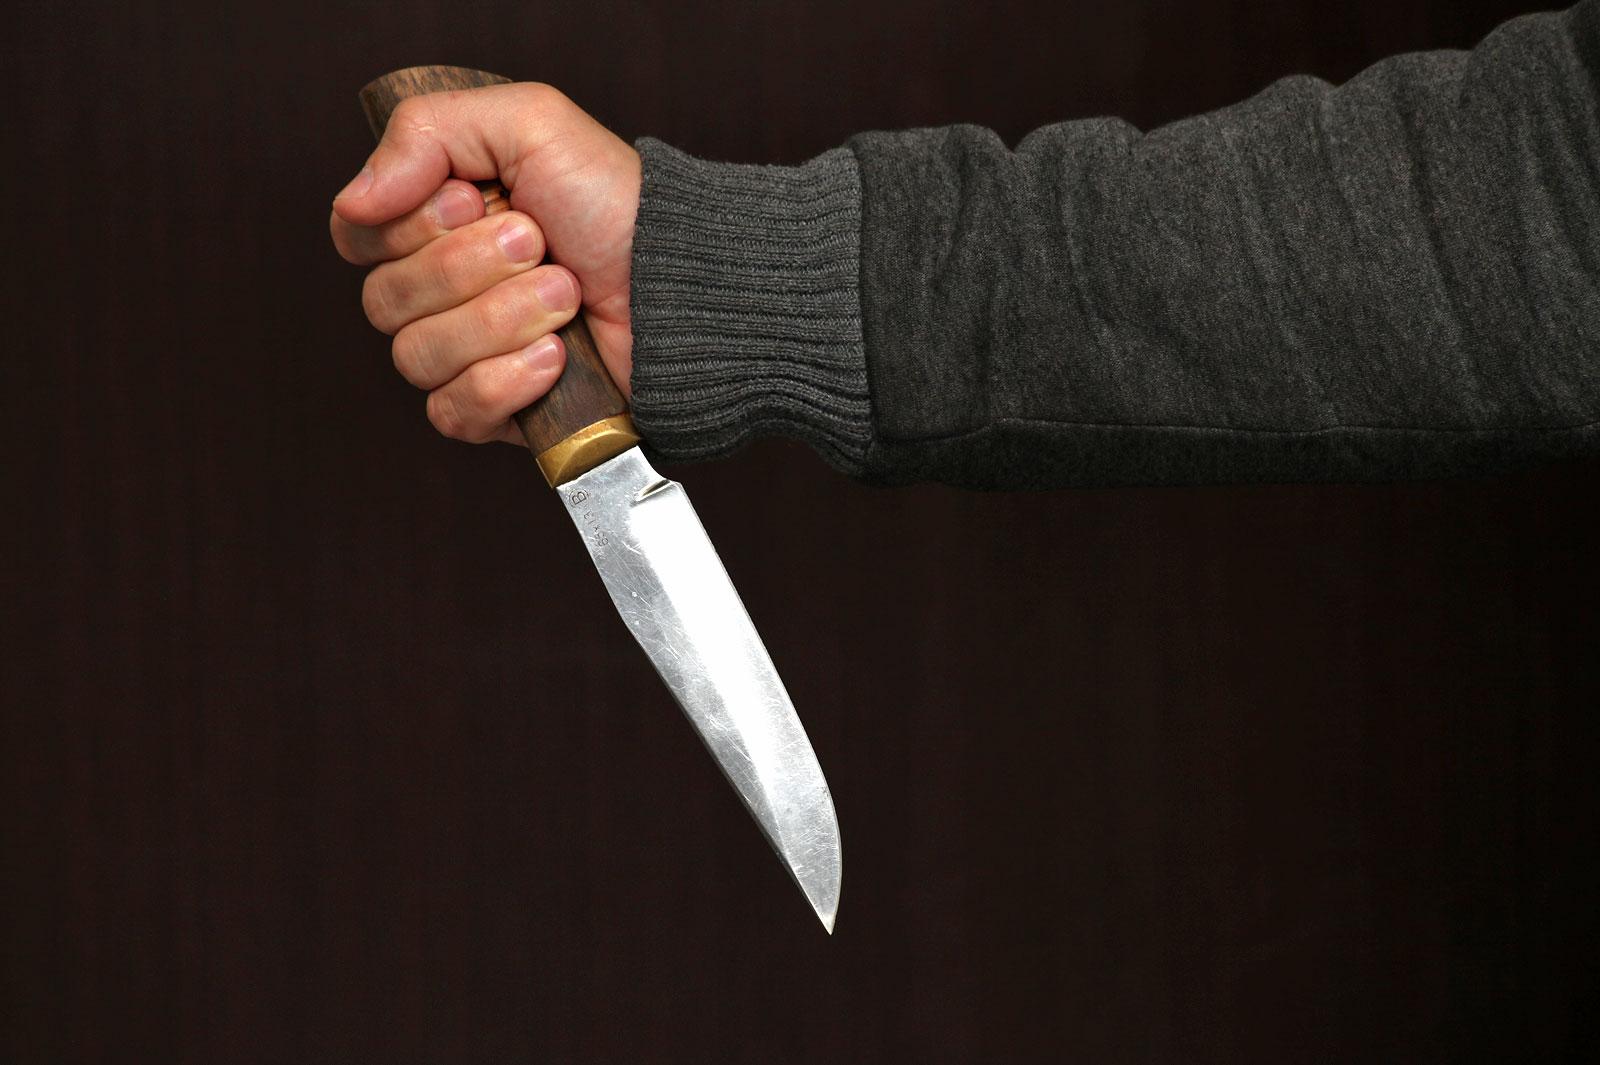 В Брянске заключили под стражу 30-летнего мужчину за убийство прохожего